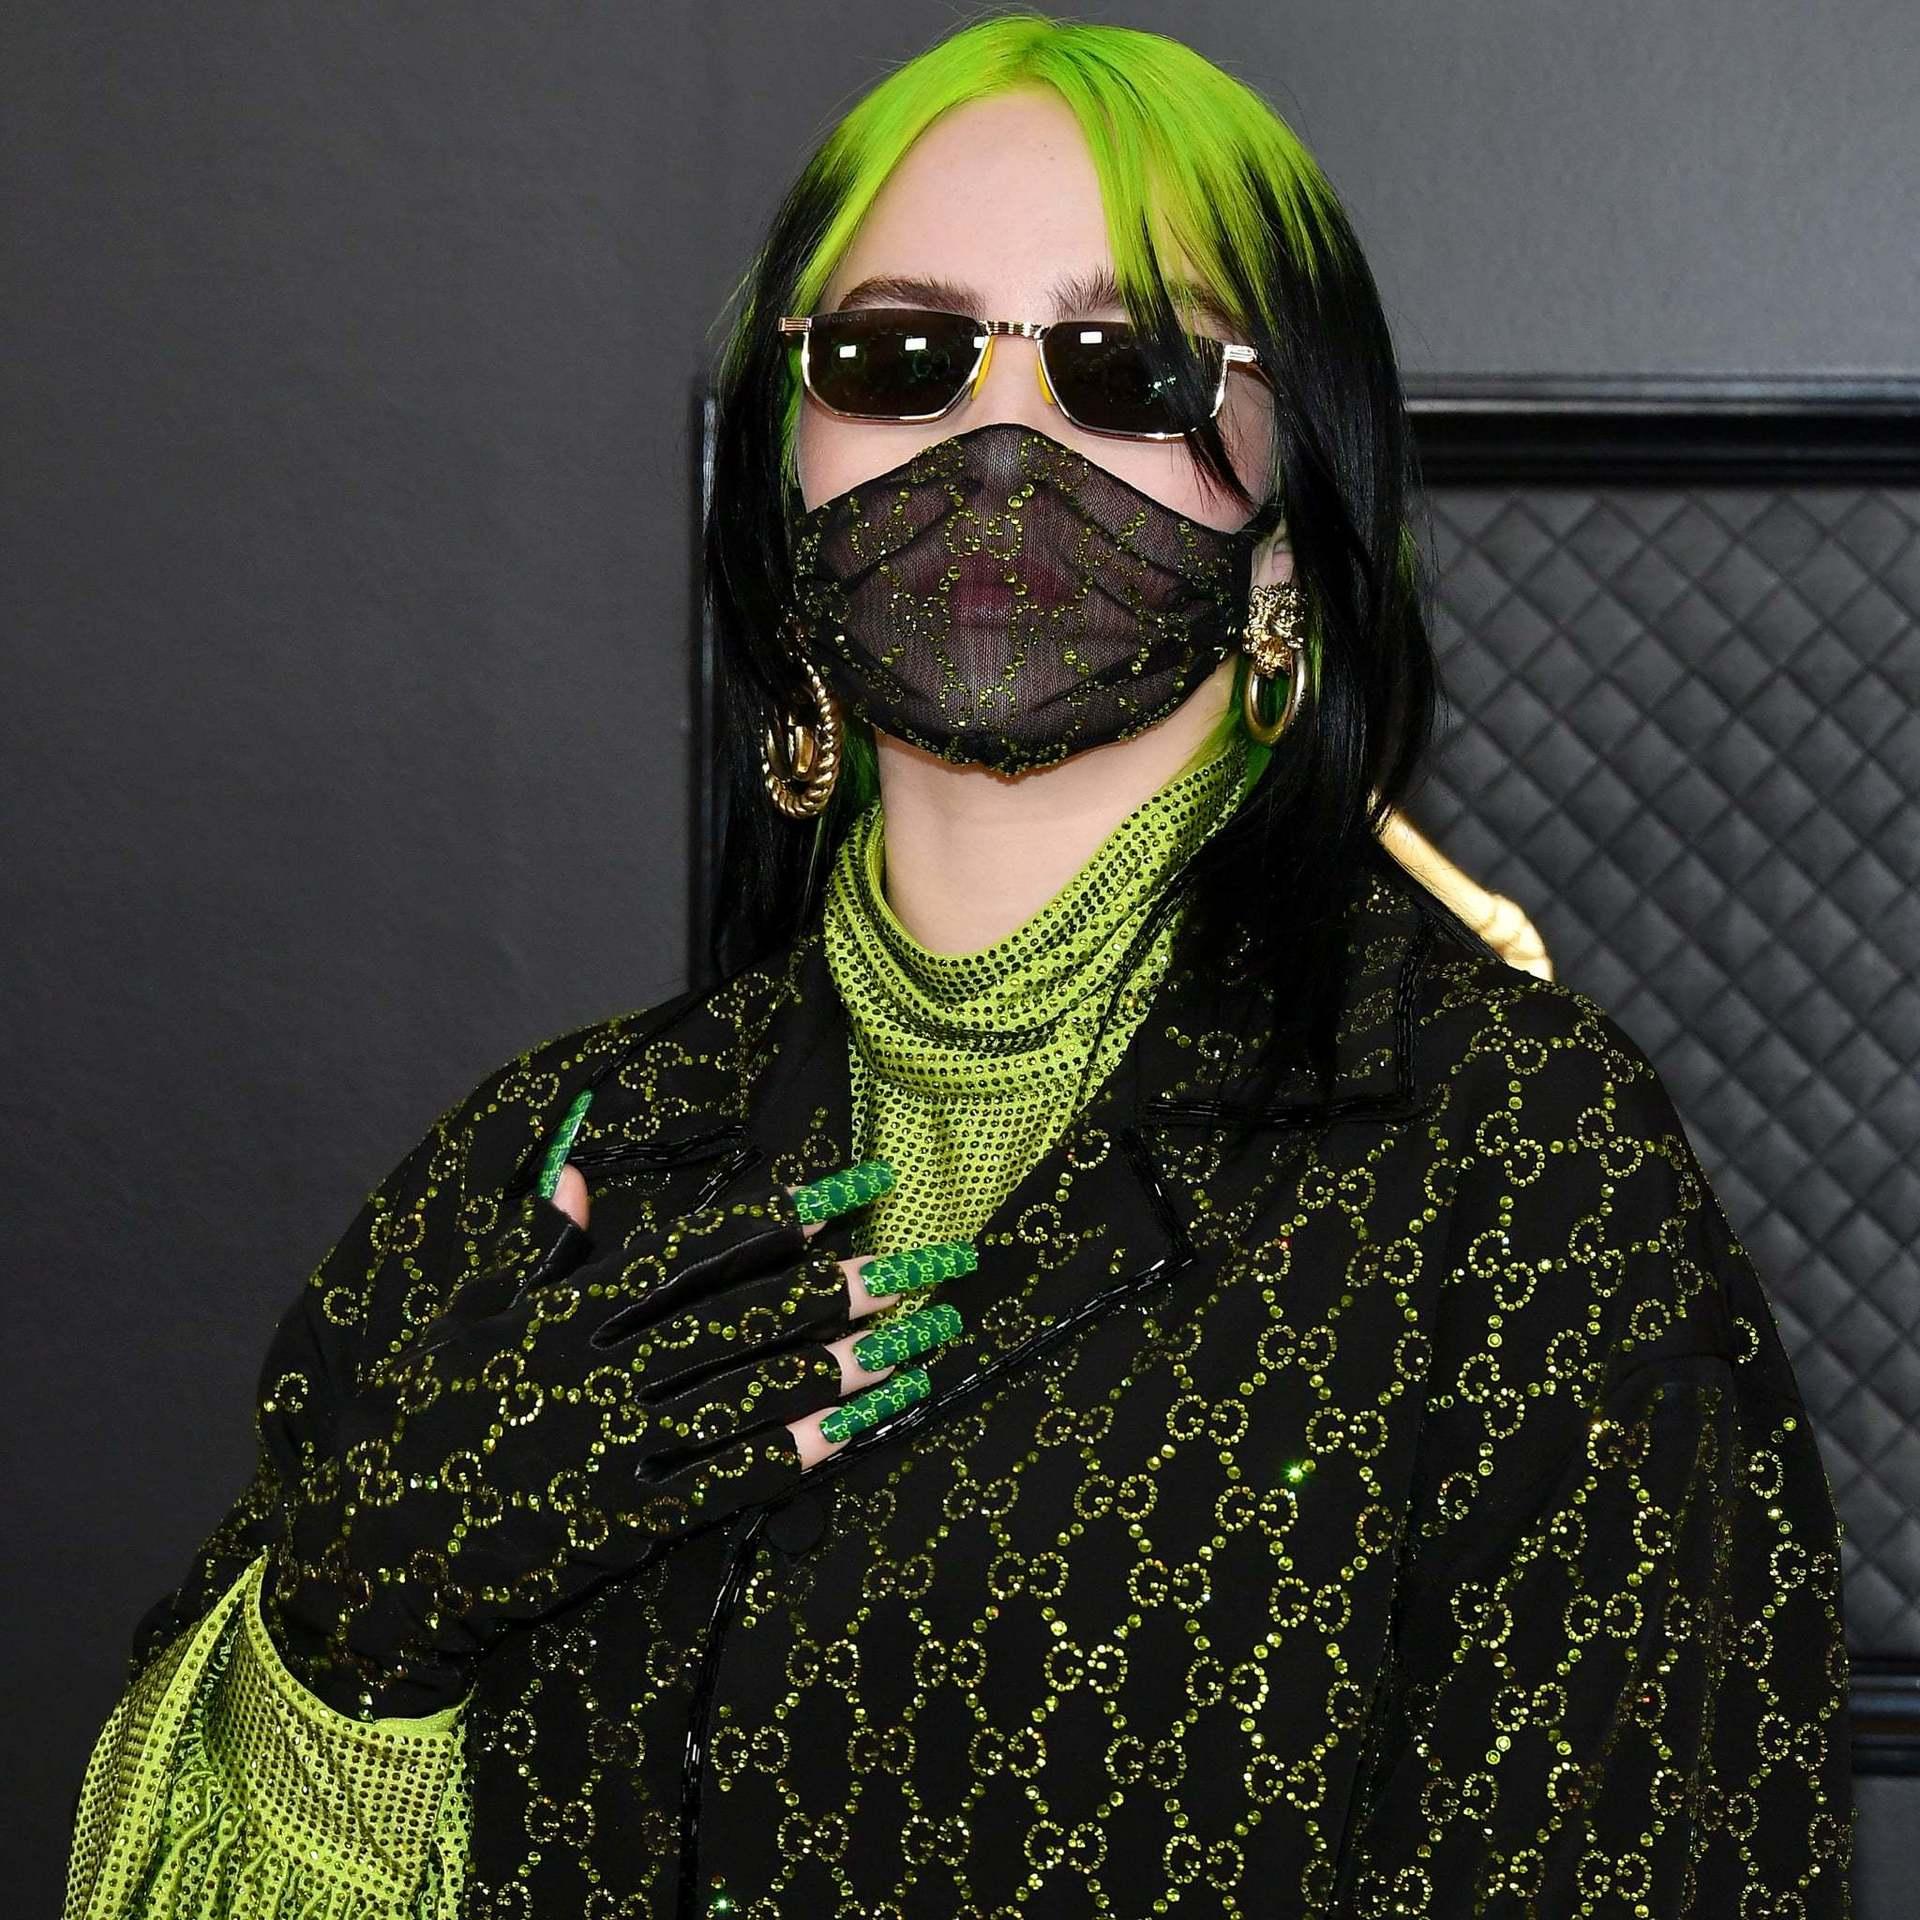 billie-eilish-gucci-outfit-grammys-2020.jpg